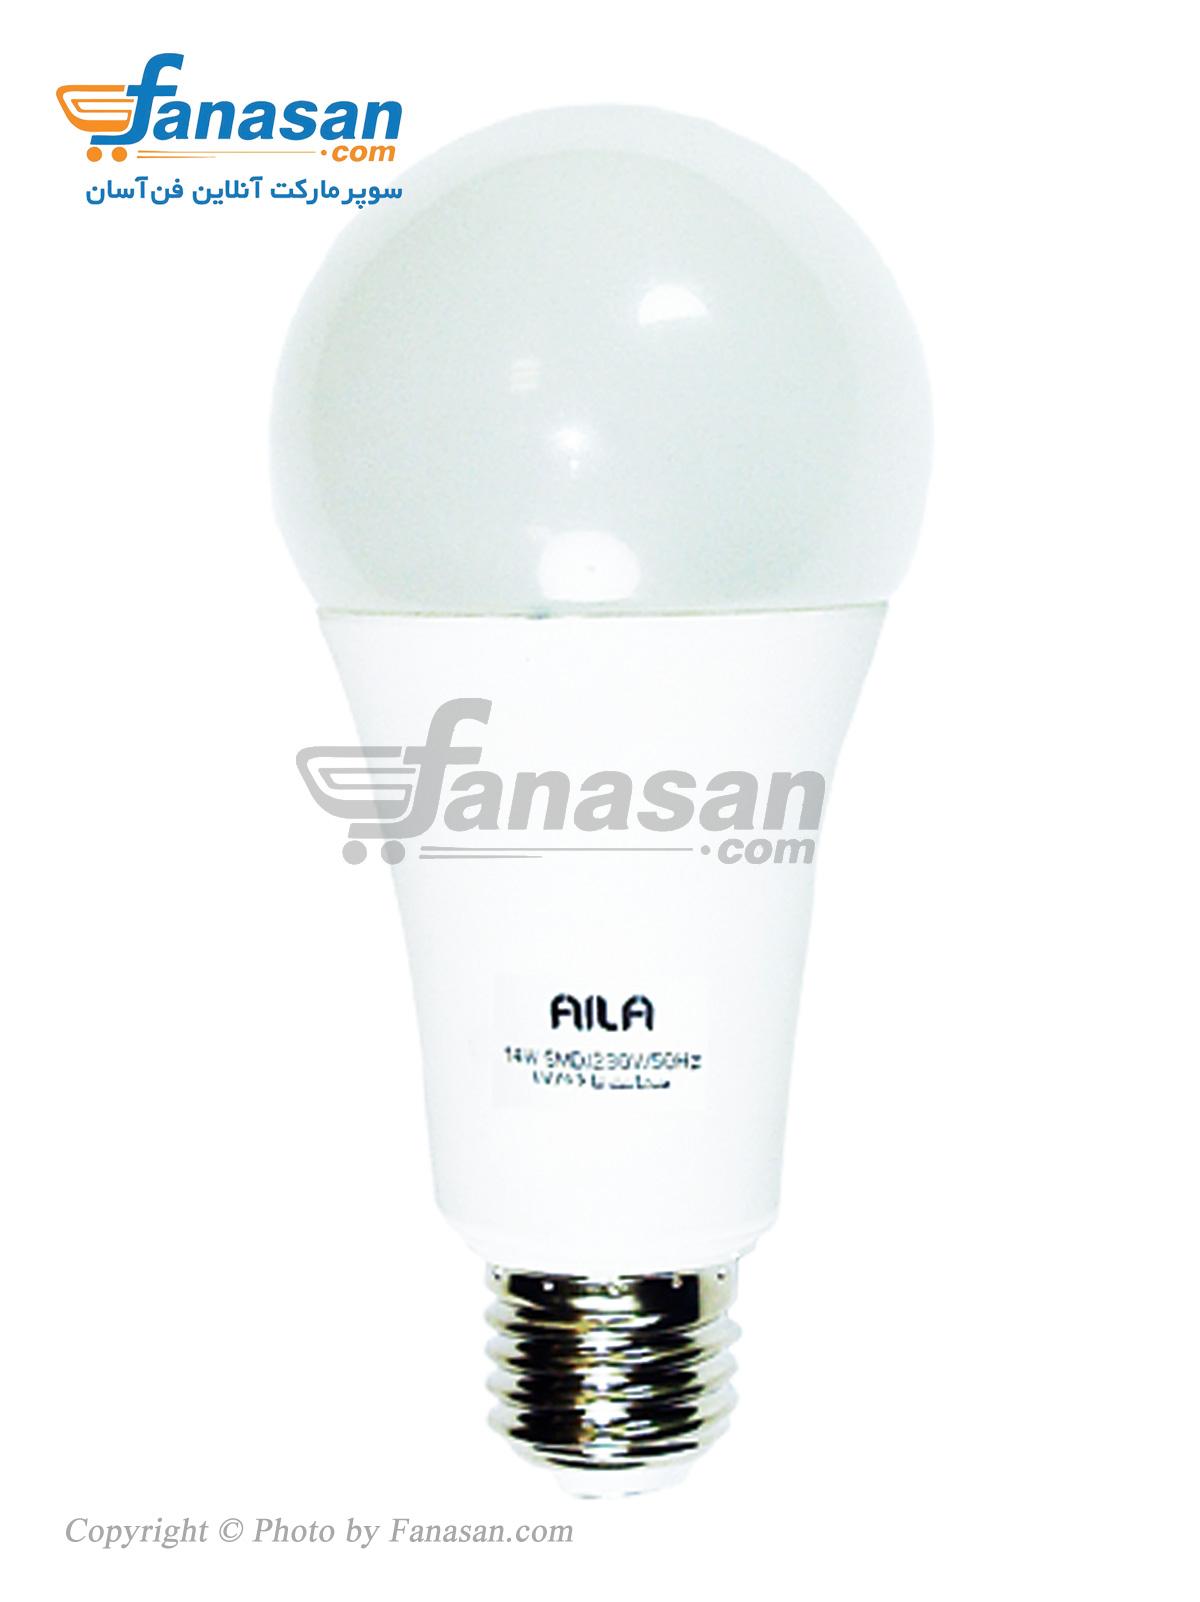 لامپ آیلا مهتابی مات پایه E27 ال ای دی 14 وات